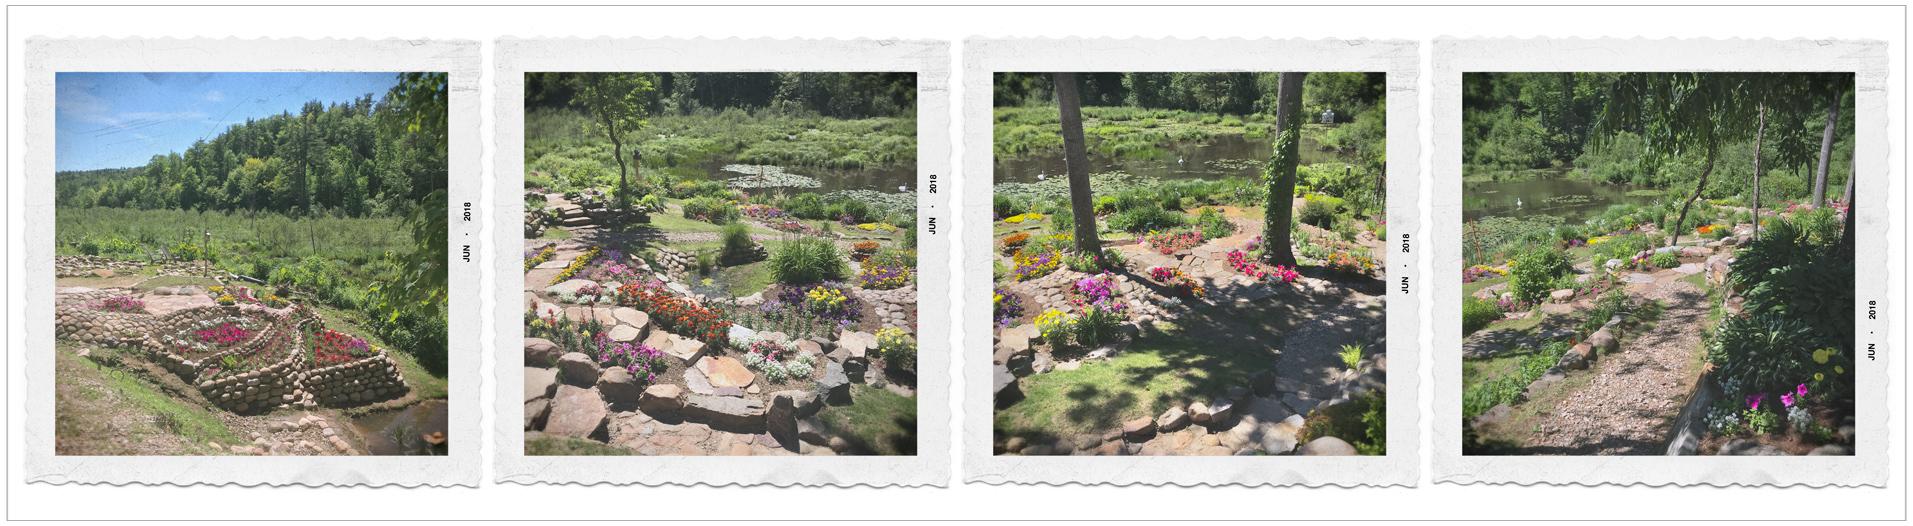 serenity garden  ~ embiggenable •  iPhone